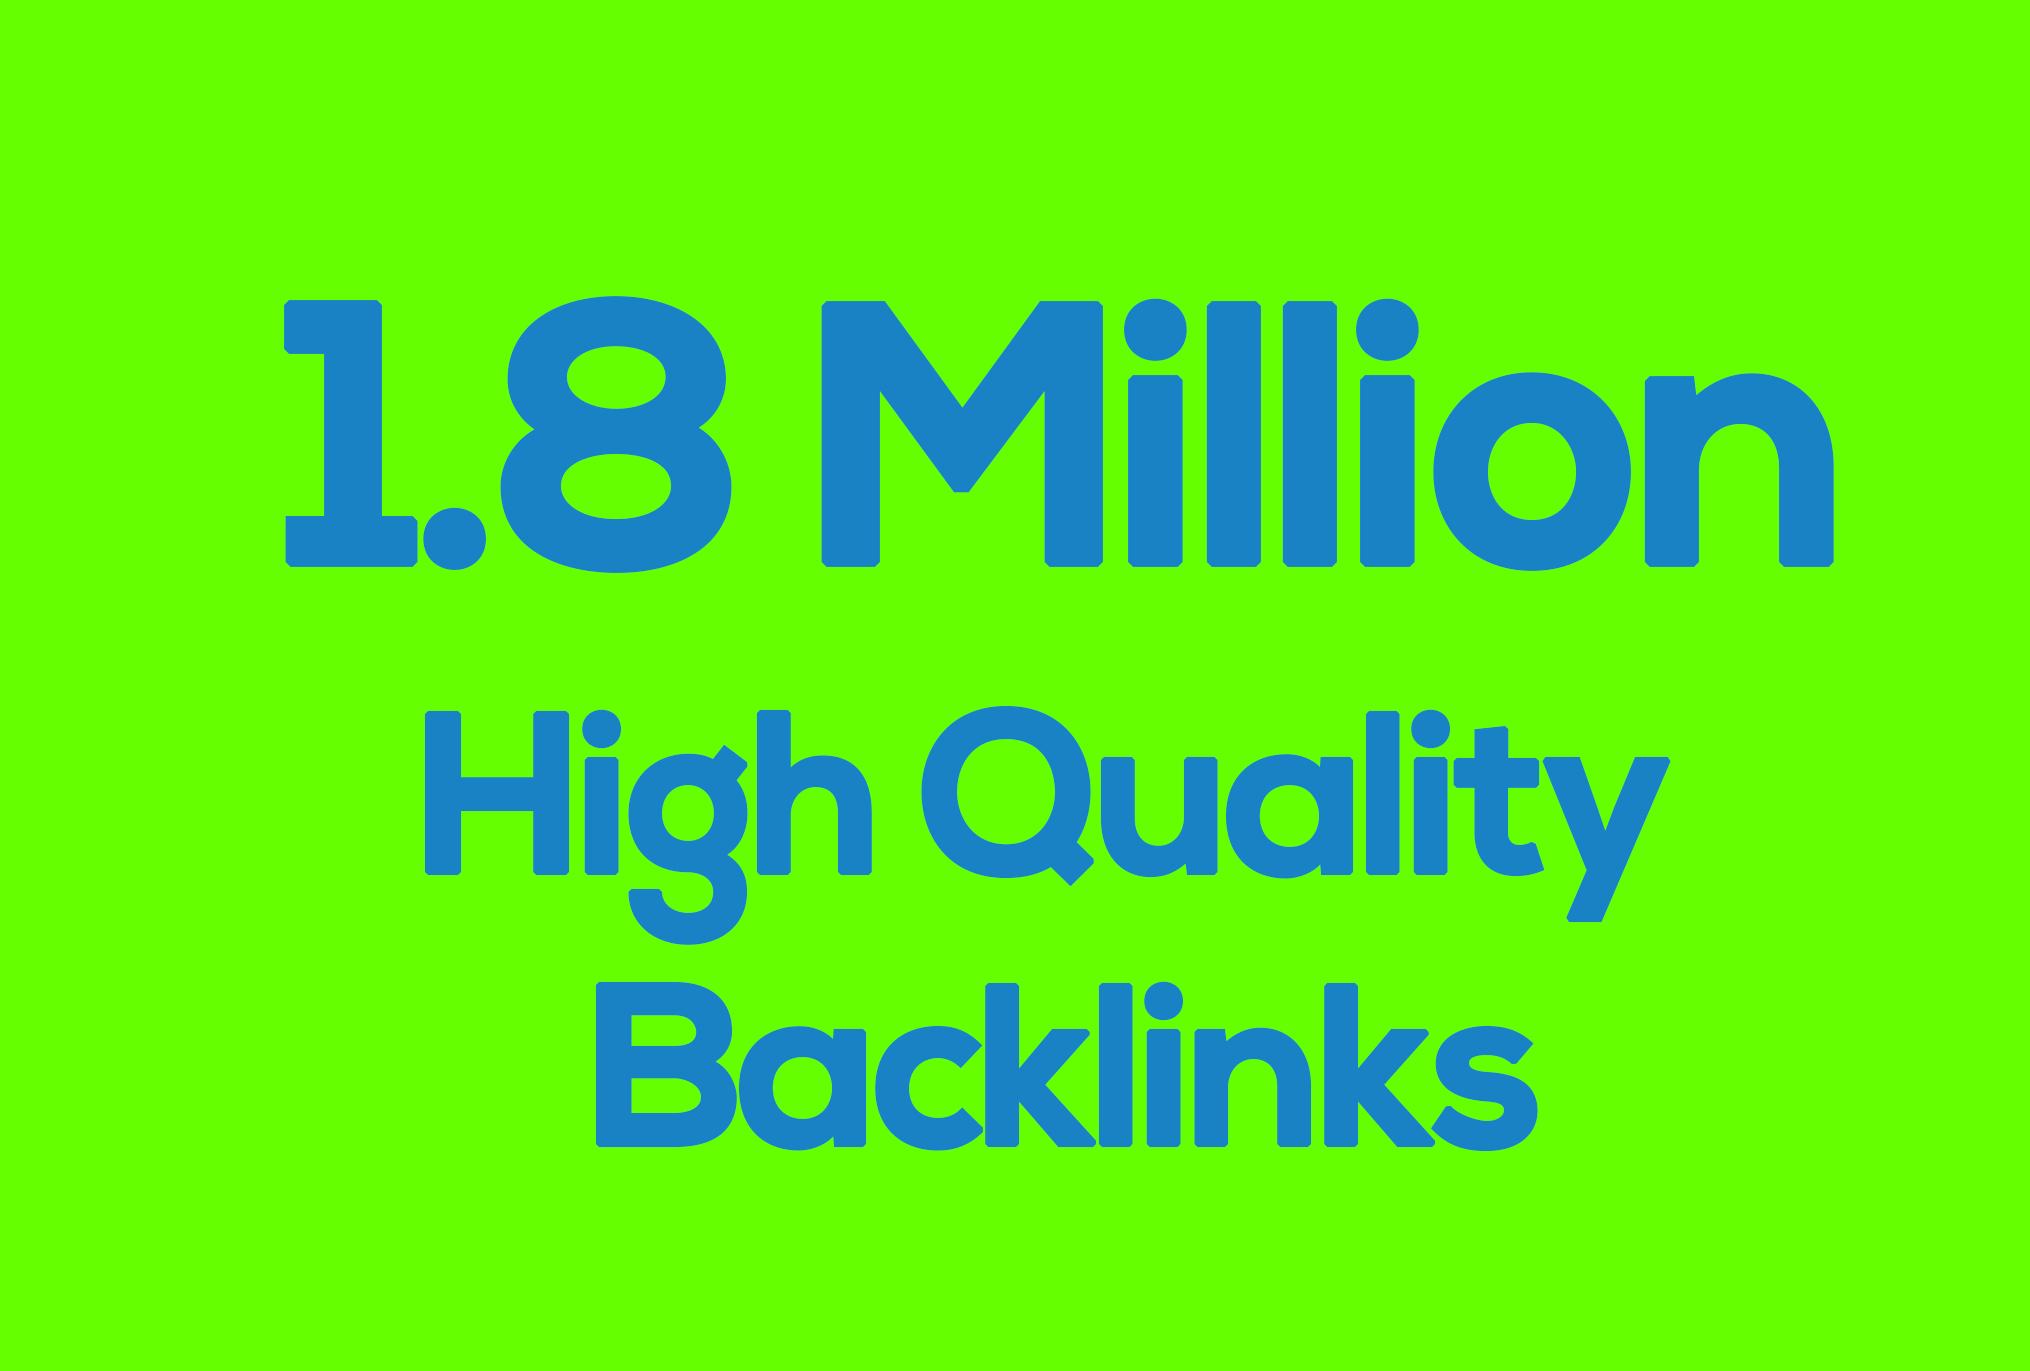 1.8 Million High quality GSA SEO Backlinks